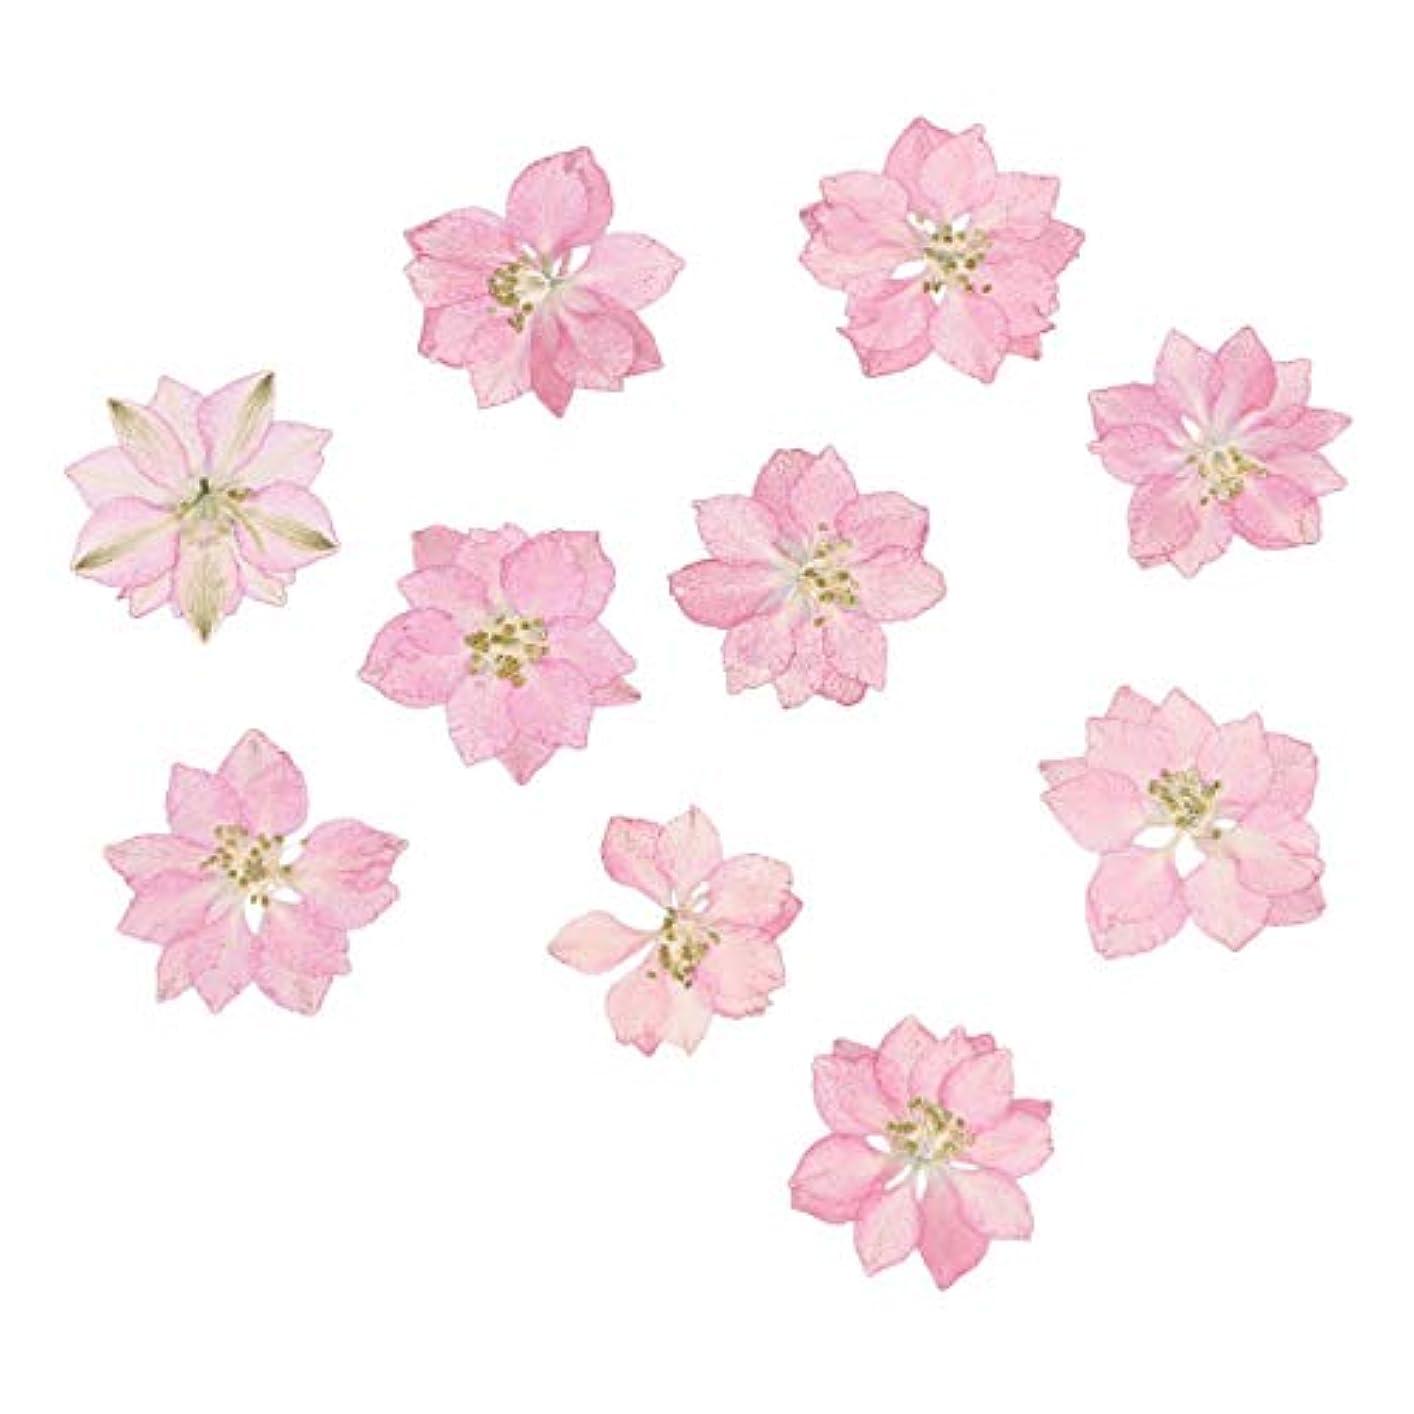 薄いです死んでいる歯車HEALLILY リアルドライ押花天然花飾り用diyジュエリーペンダント電話ケースカード20ピース